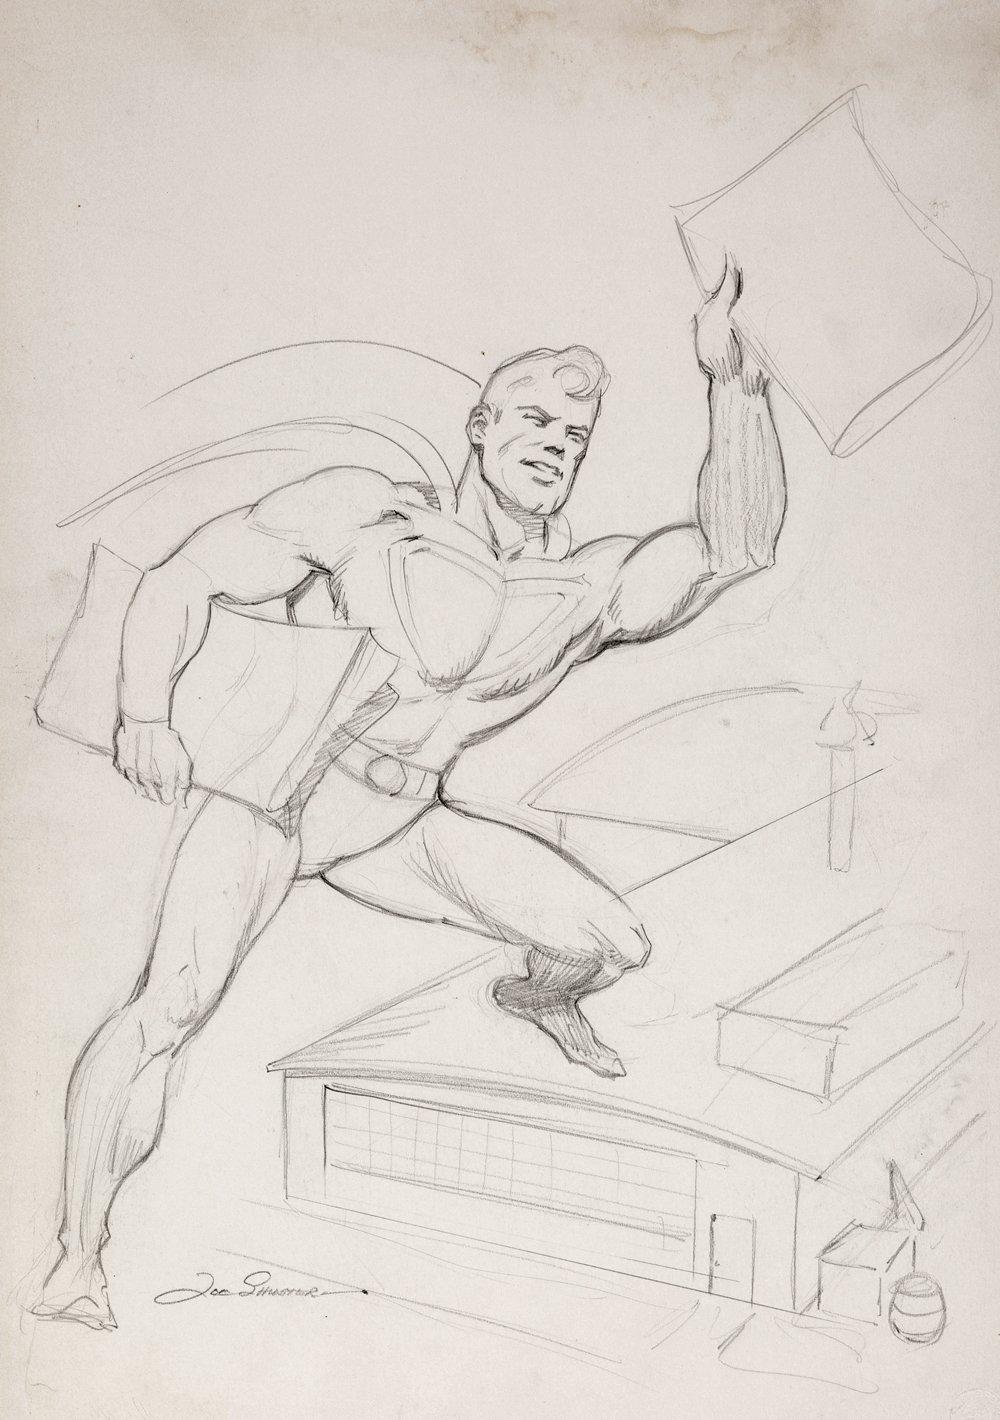 Superman Flying, Delivering Newspapers Illustration (Large Art) 1940s